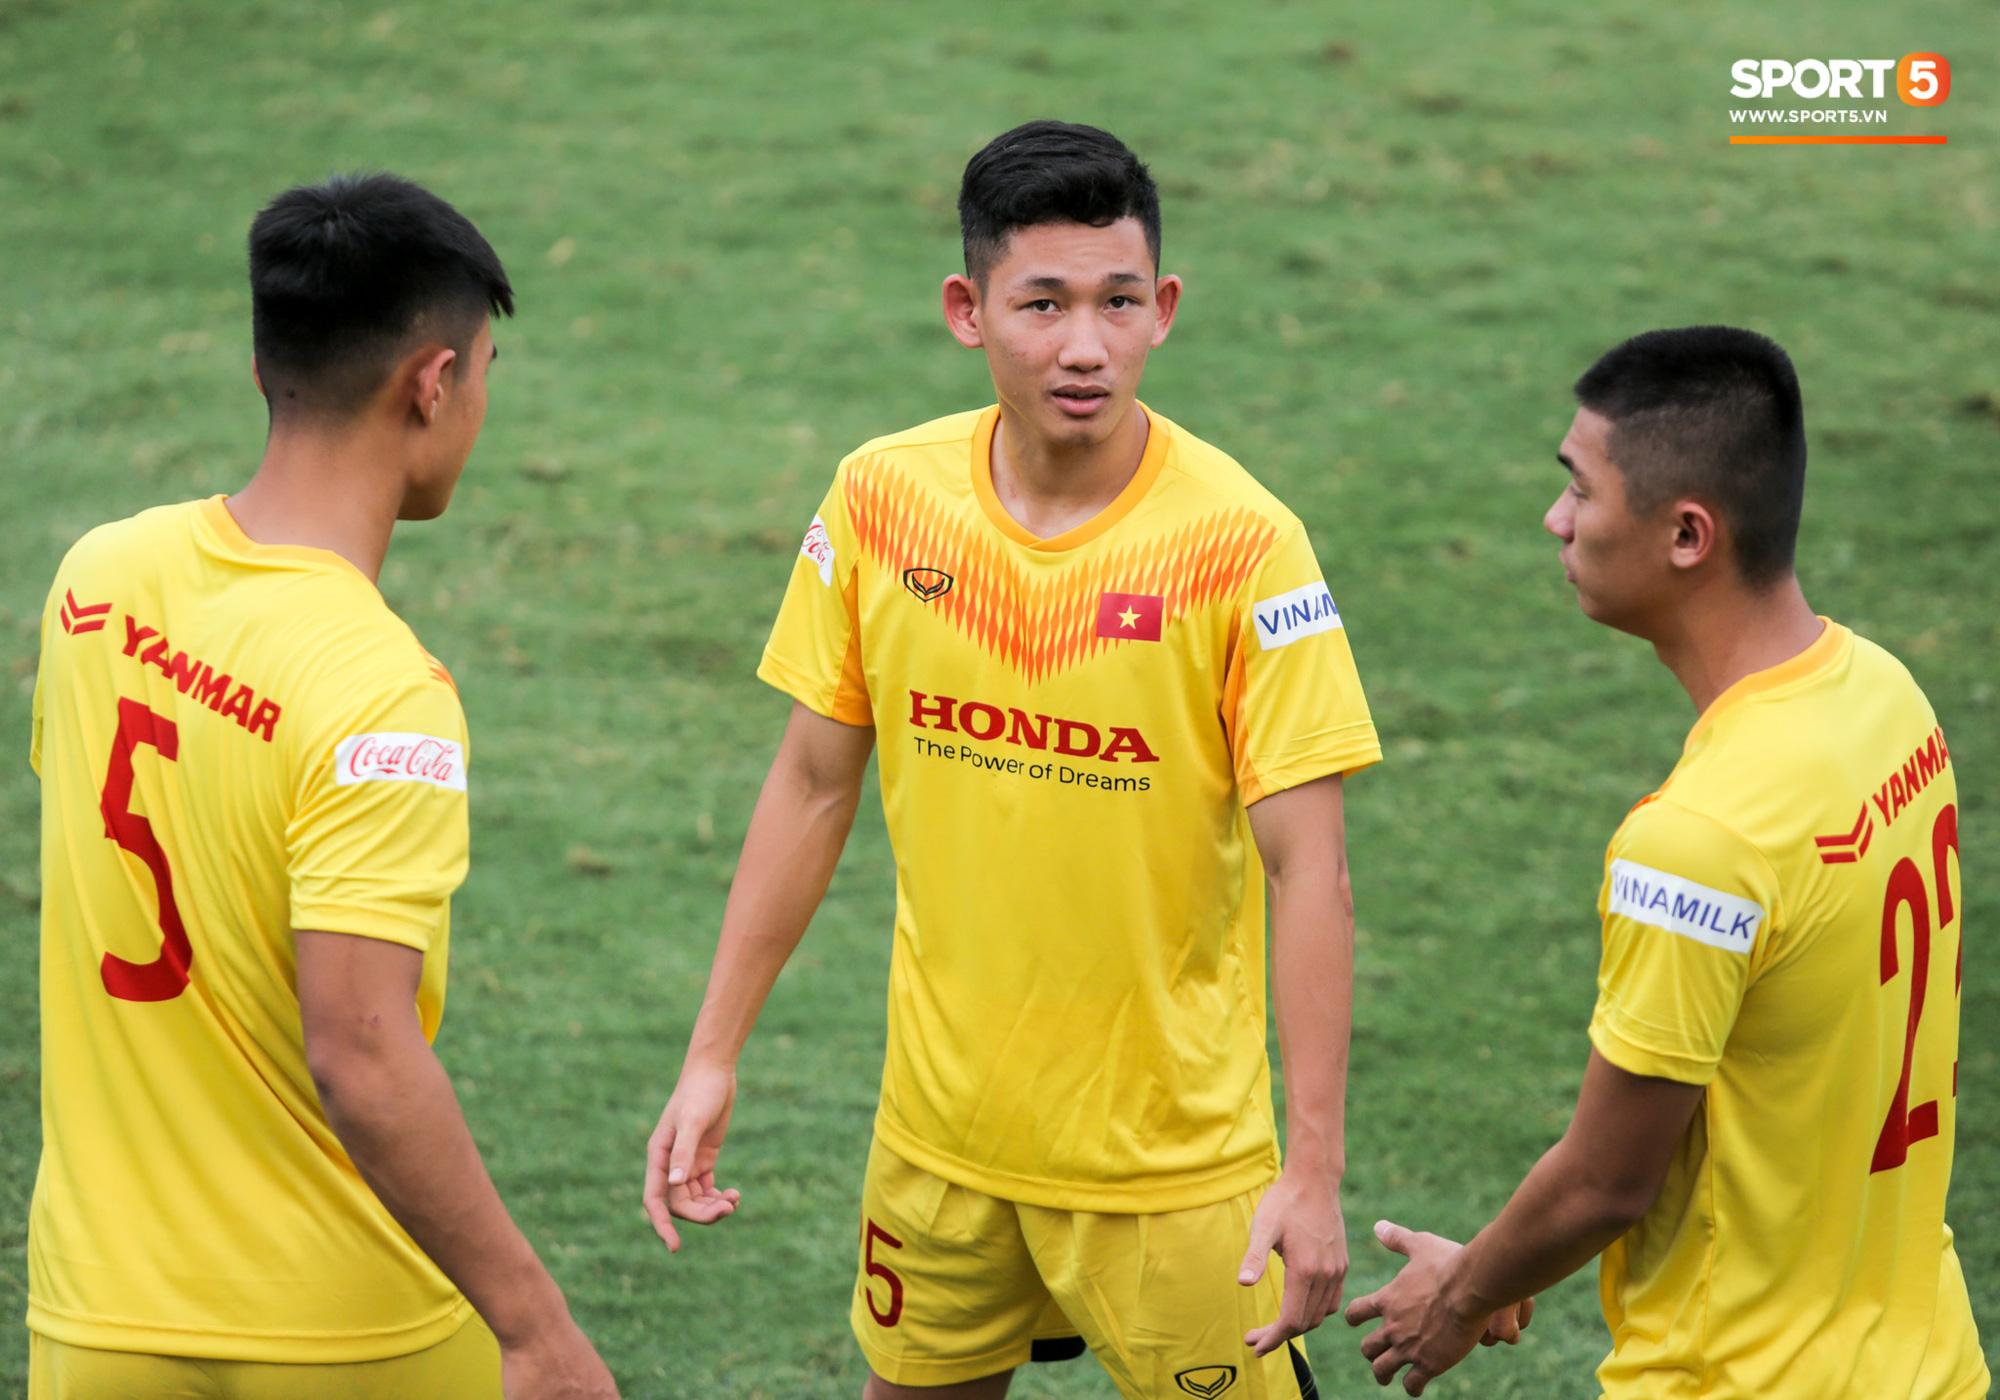 Điểm danh những gương mặt mới nổi của đội tuyển Việt Nam dưới thời HLV Park Hang-seo - ảnh 14